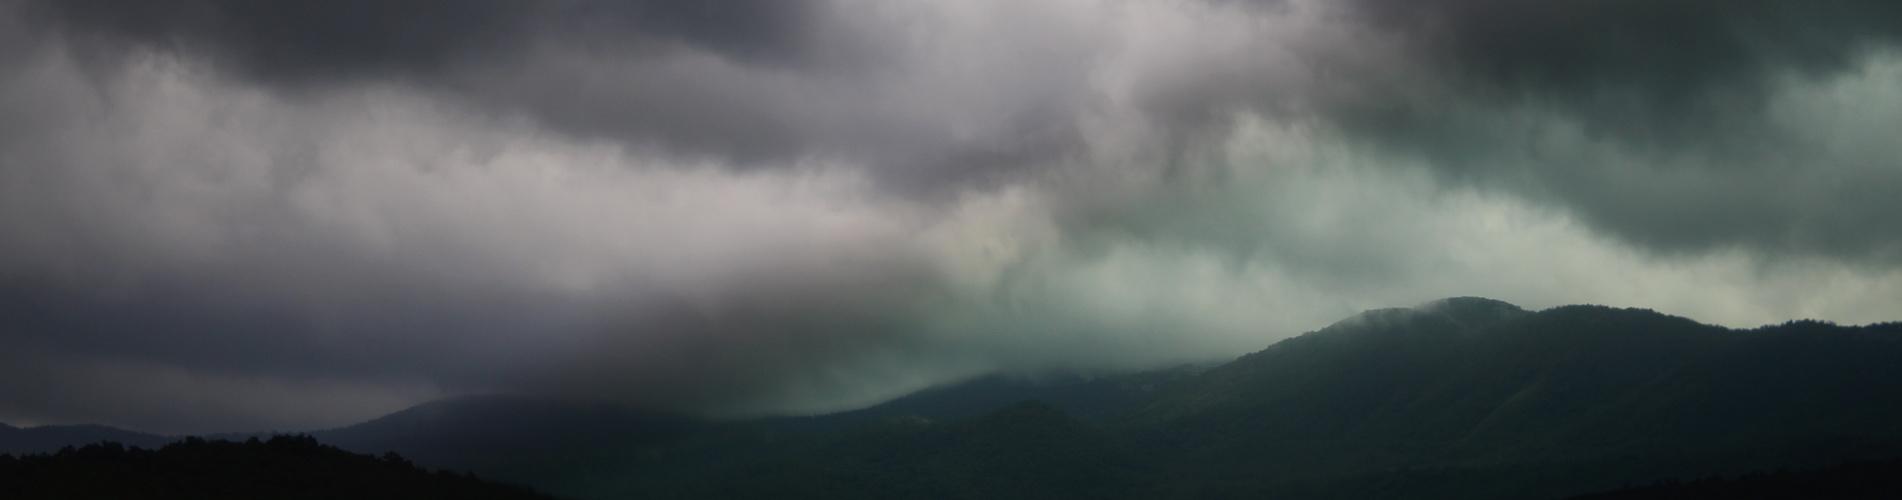 Regen naht.....